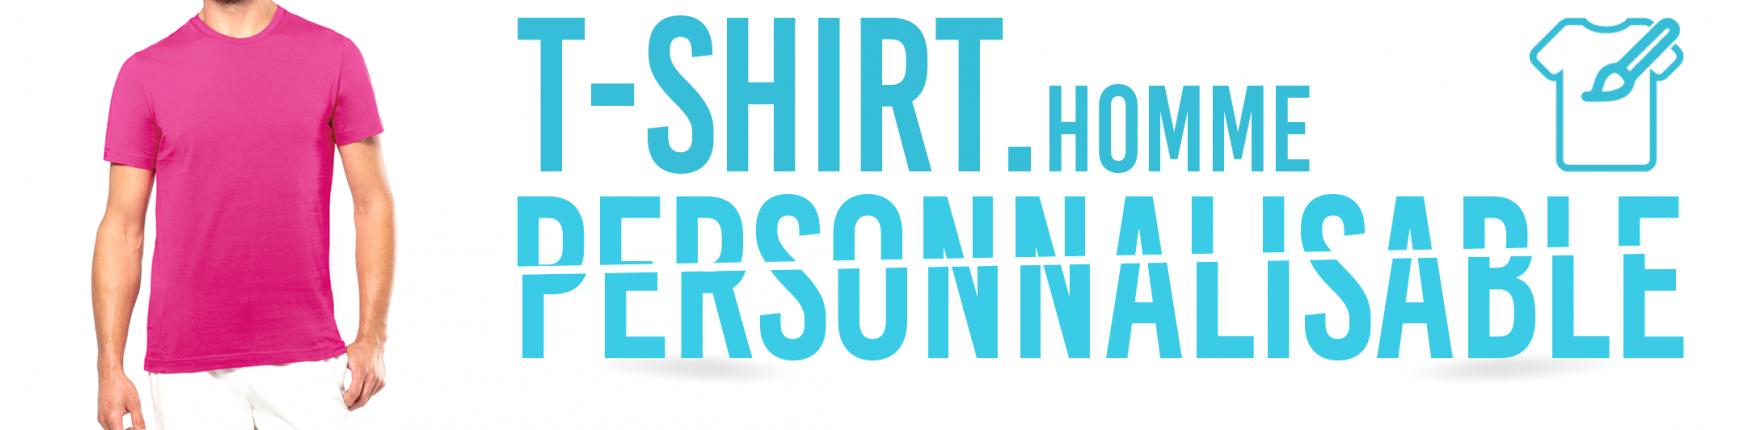 T-Shirt personnalisé pour les Hommes - Impression T-Shirt